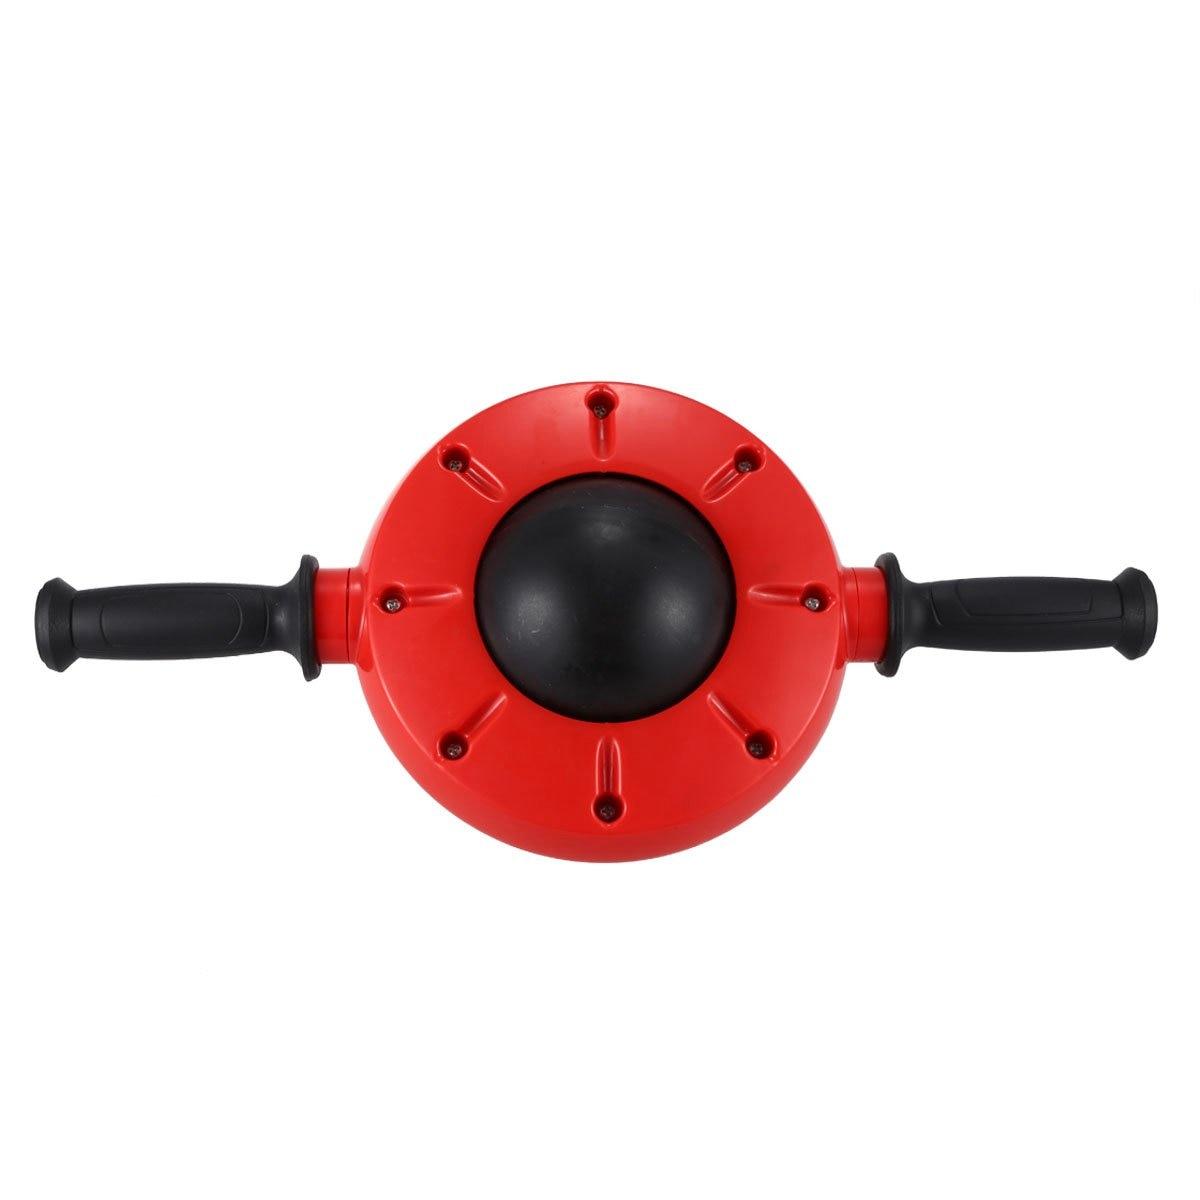 360 grad Fitness Gym Ausrüstung Haushalt AB Roller Rad für Core Bauch Magen Übung Training und Muskel Trainer